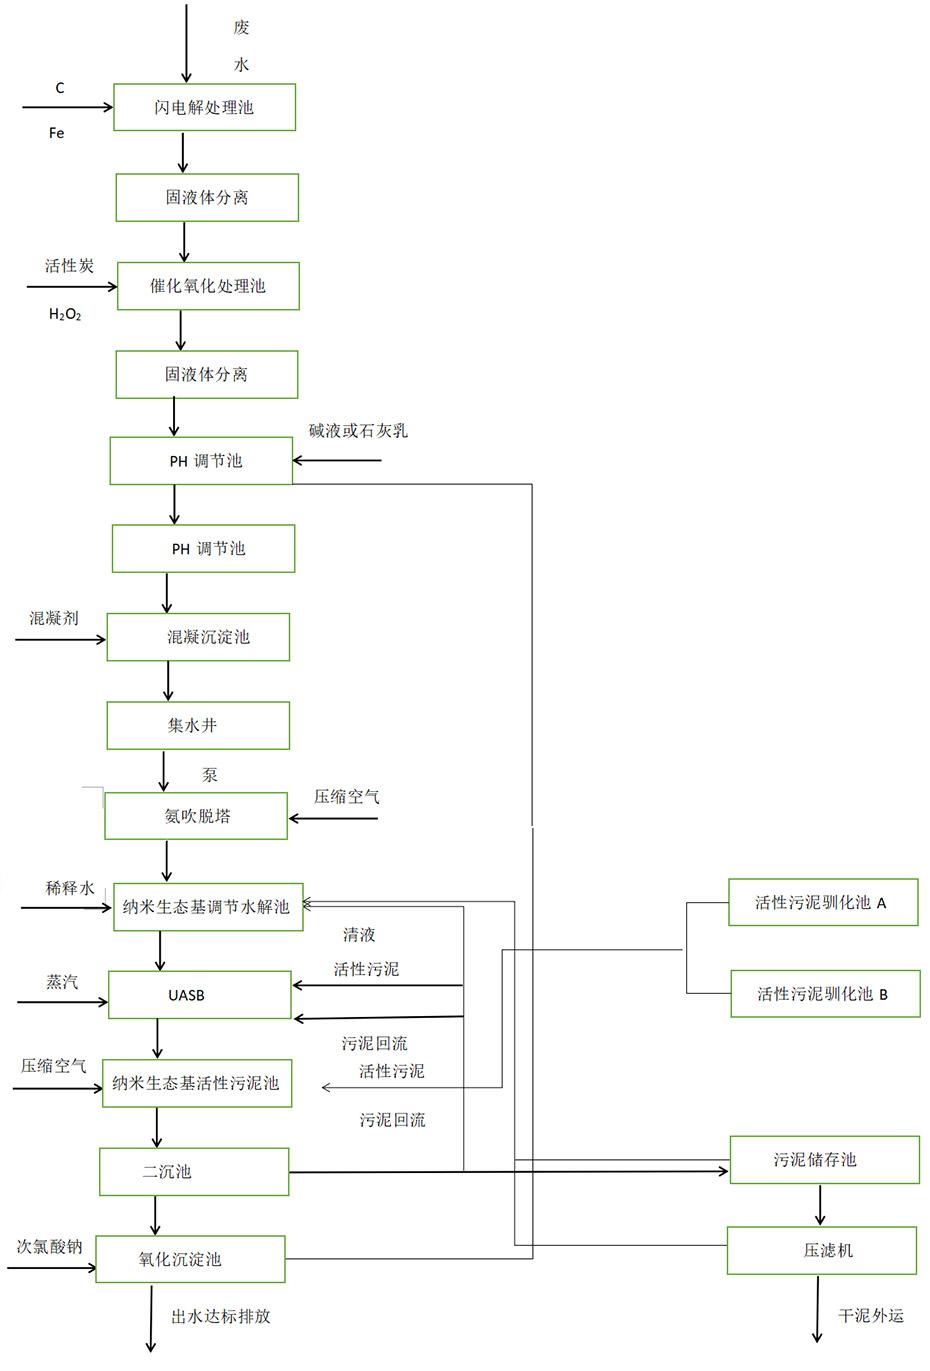 技术流程图